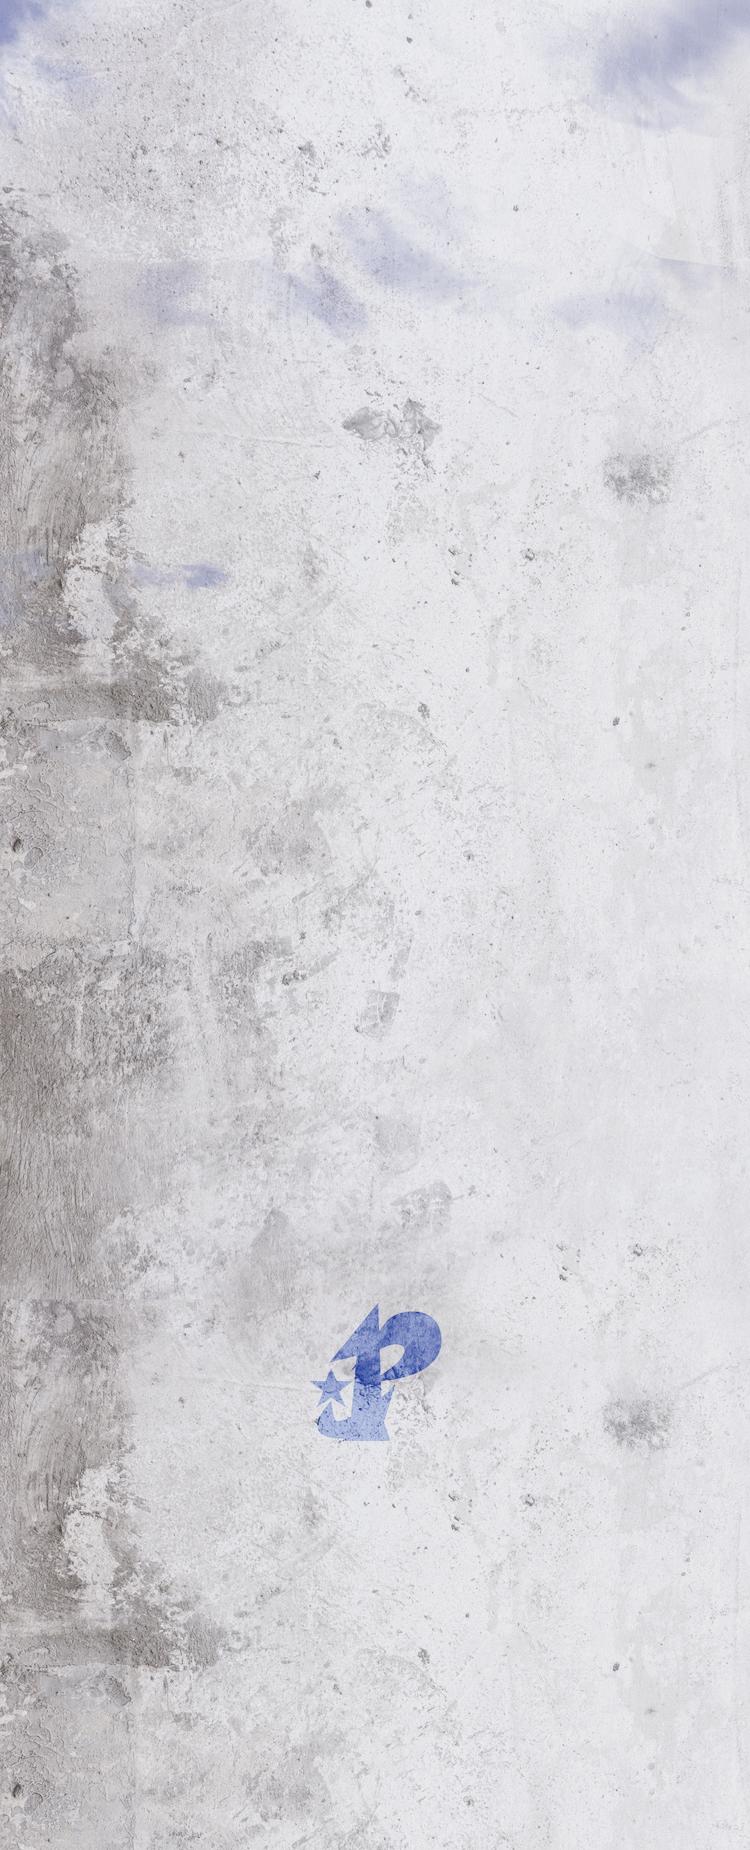 プレアデス株式会社 共通背景画像 コンクリートにプレアデス株式会社ロゴマーク スマホ用